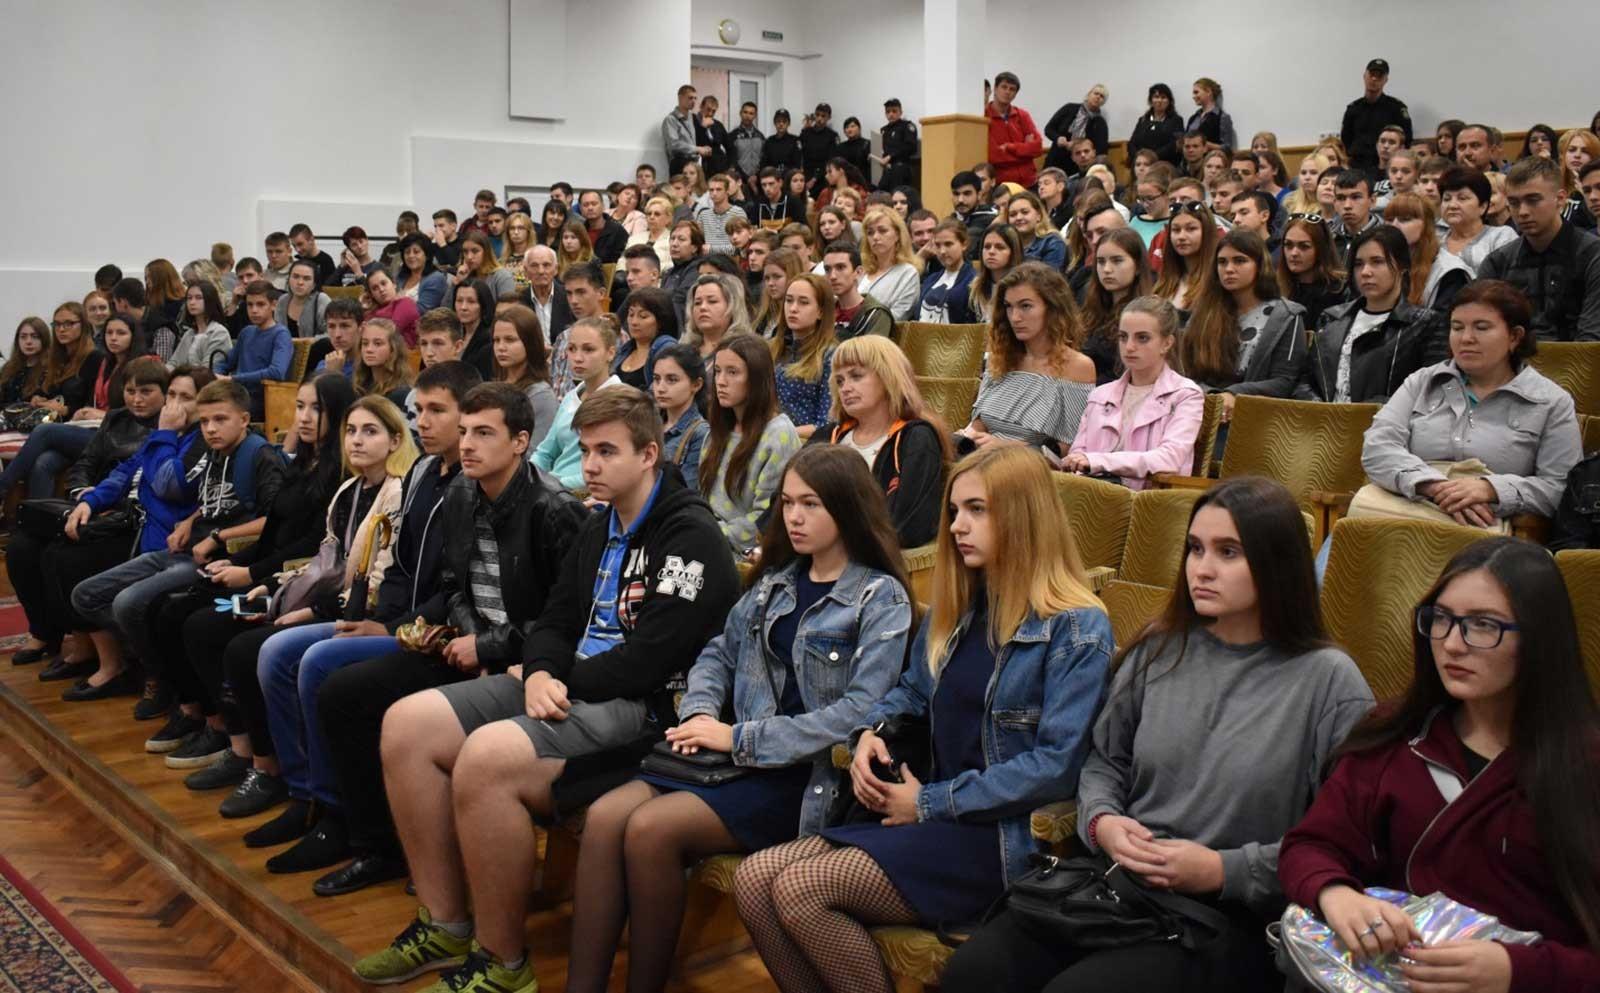 З майбутніми вступниками спілкувалися керівники та викладачі навчального закладу